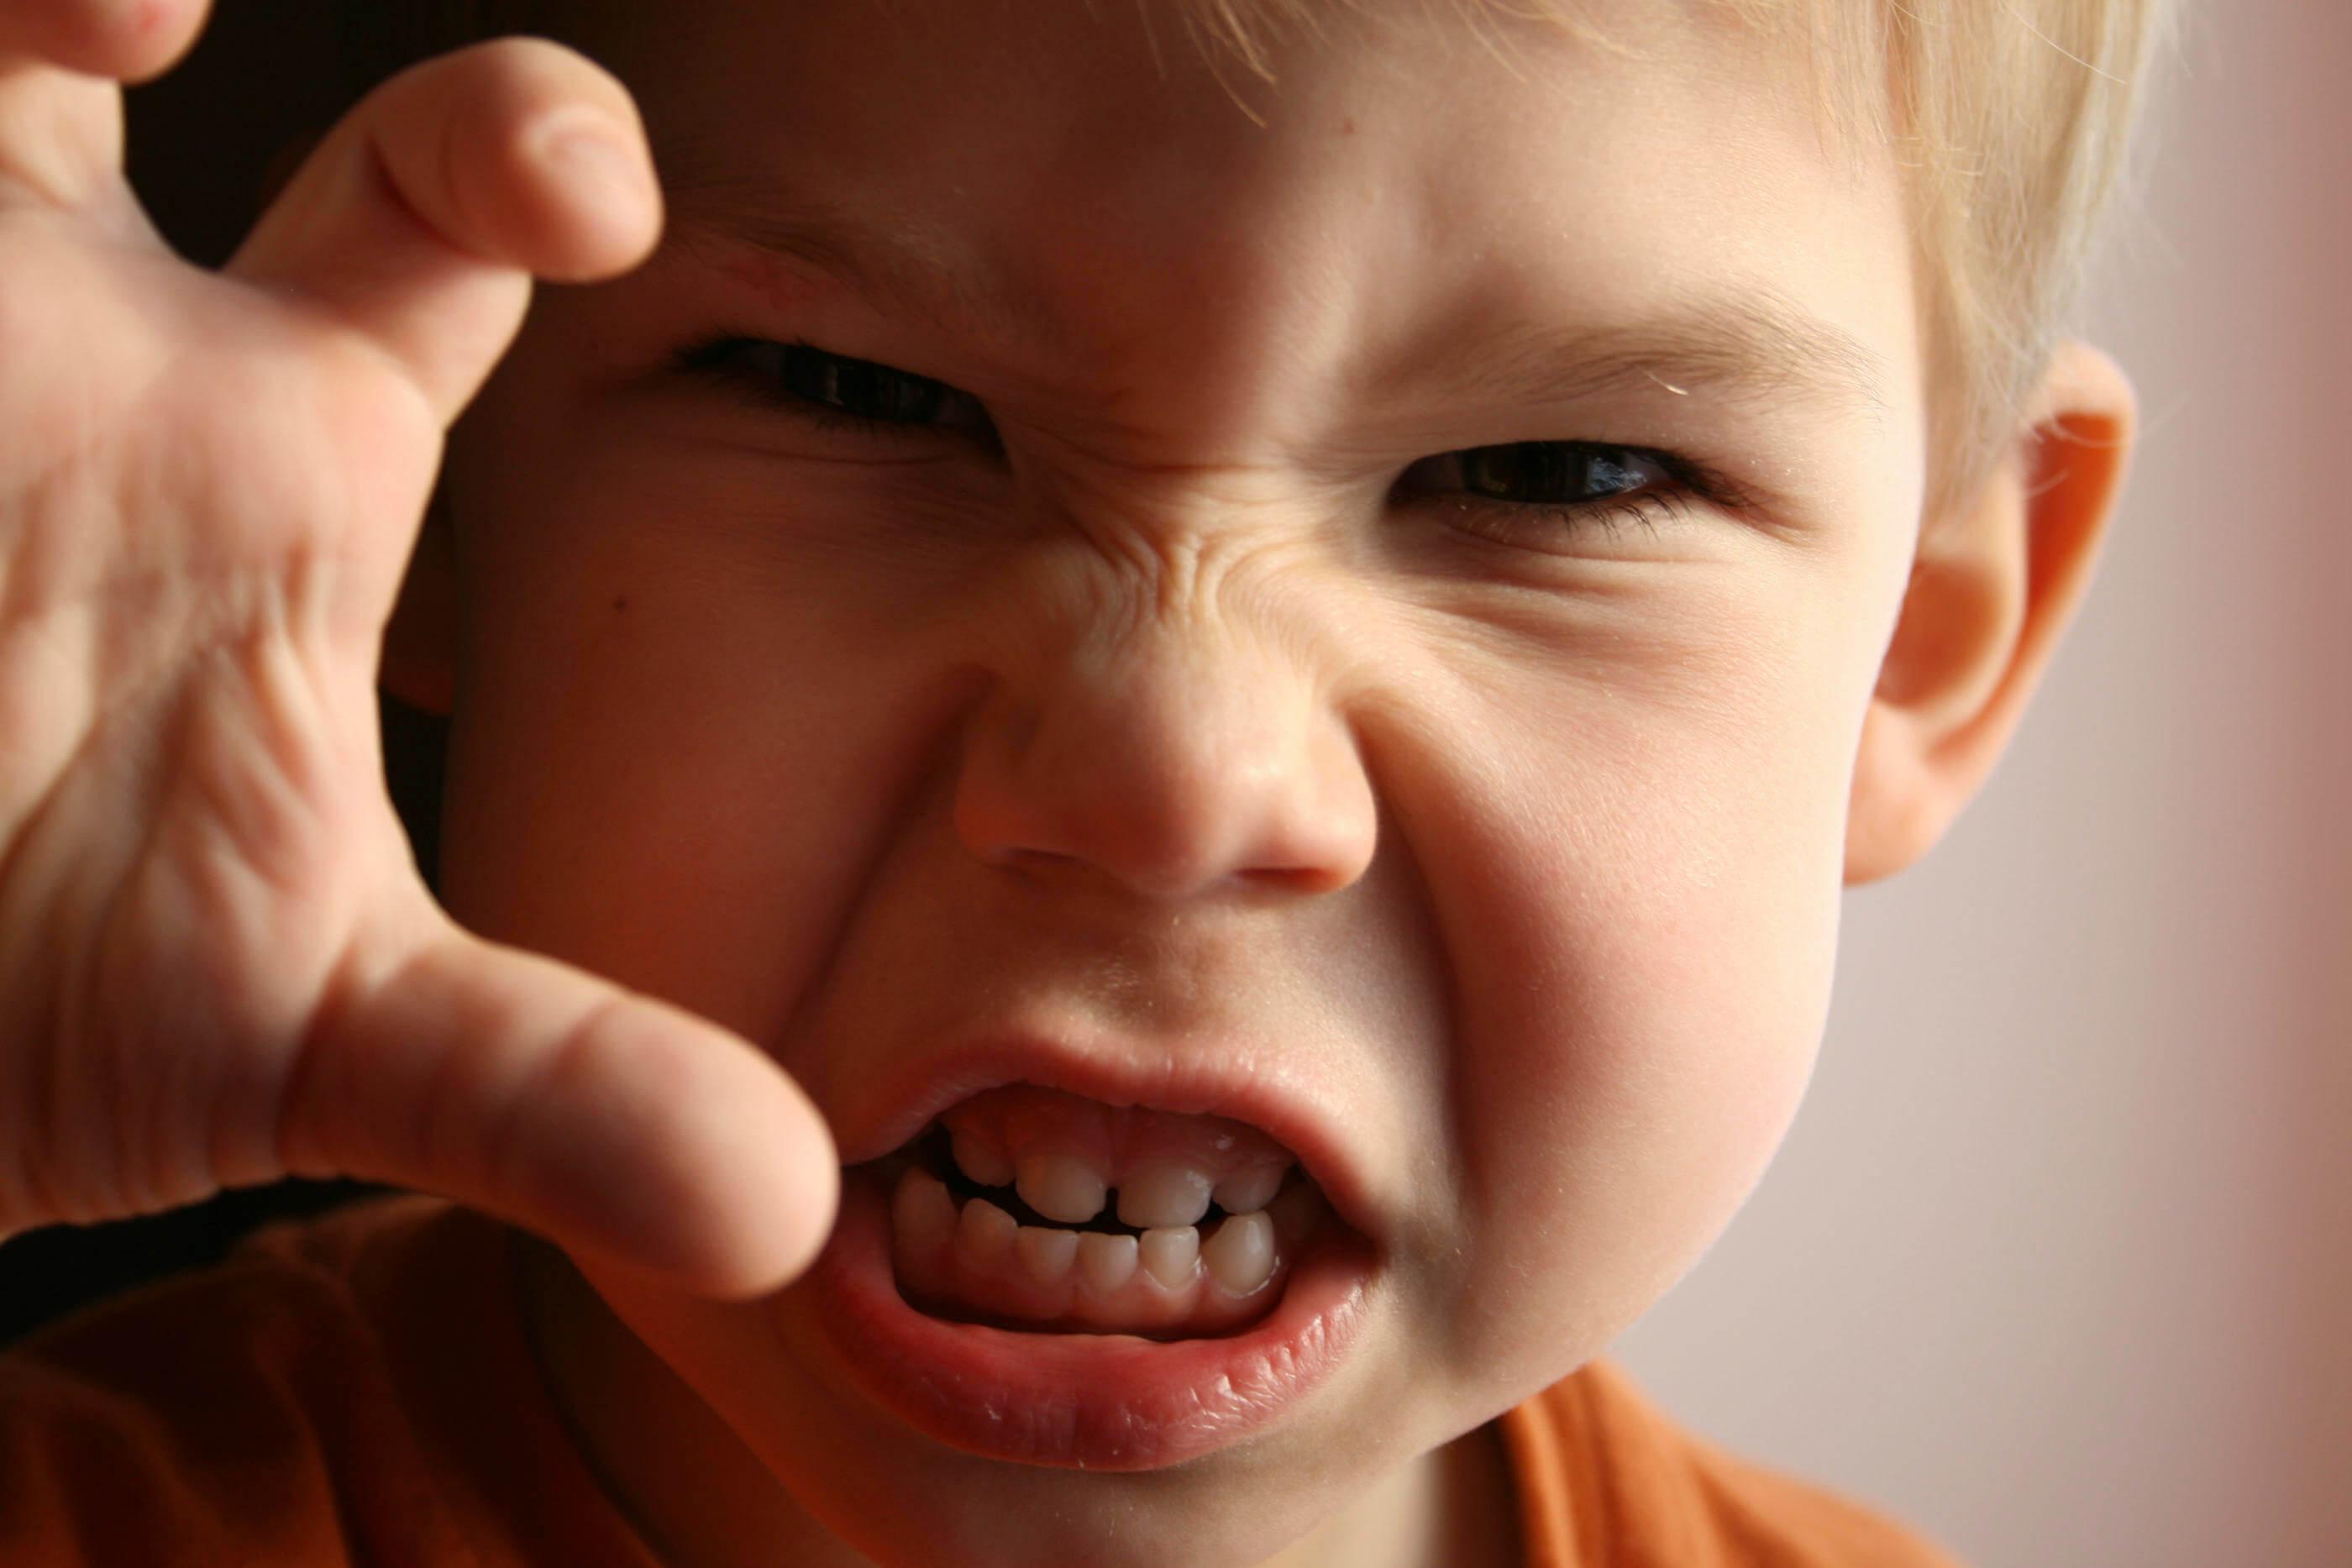 L'ira è una delle emozioni che può essere alla base del senso di frustrazione